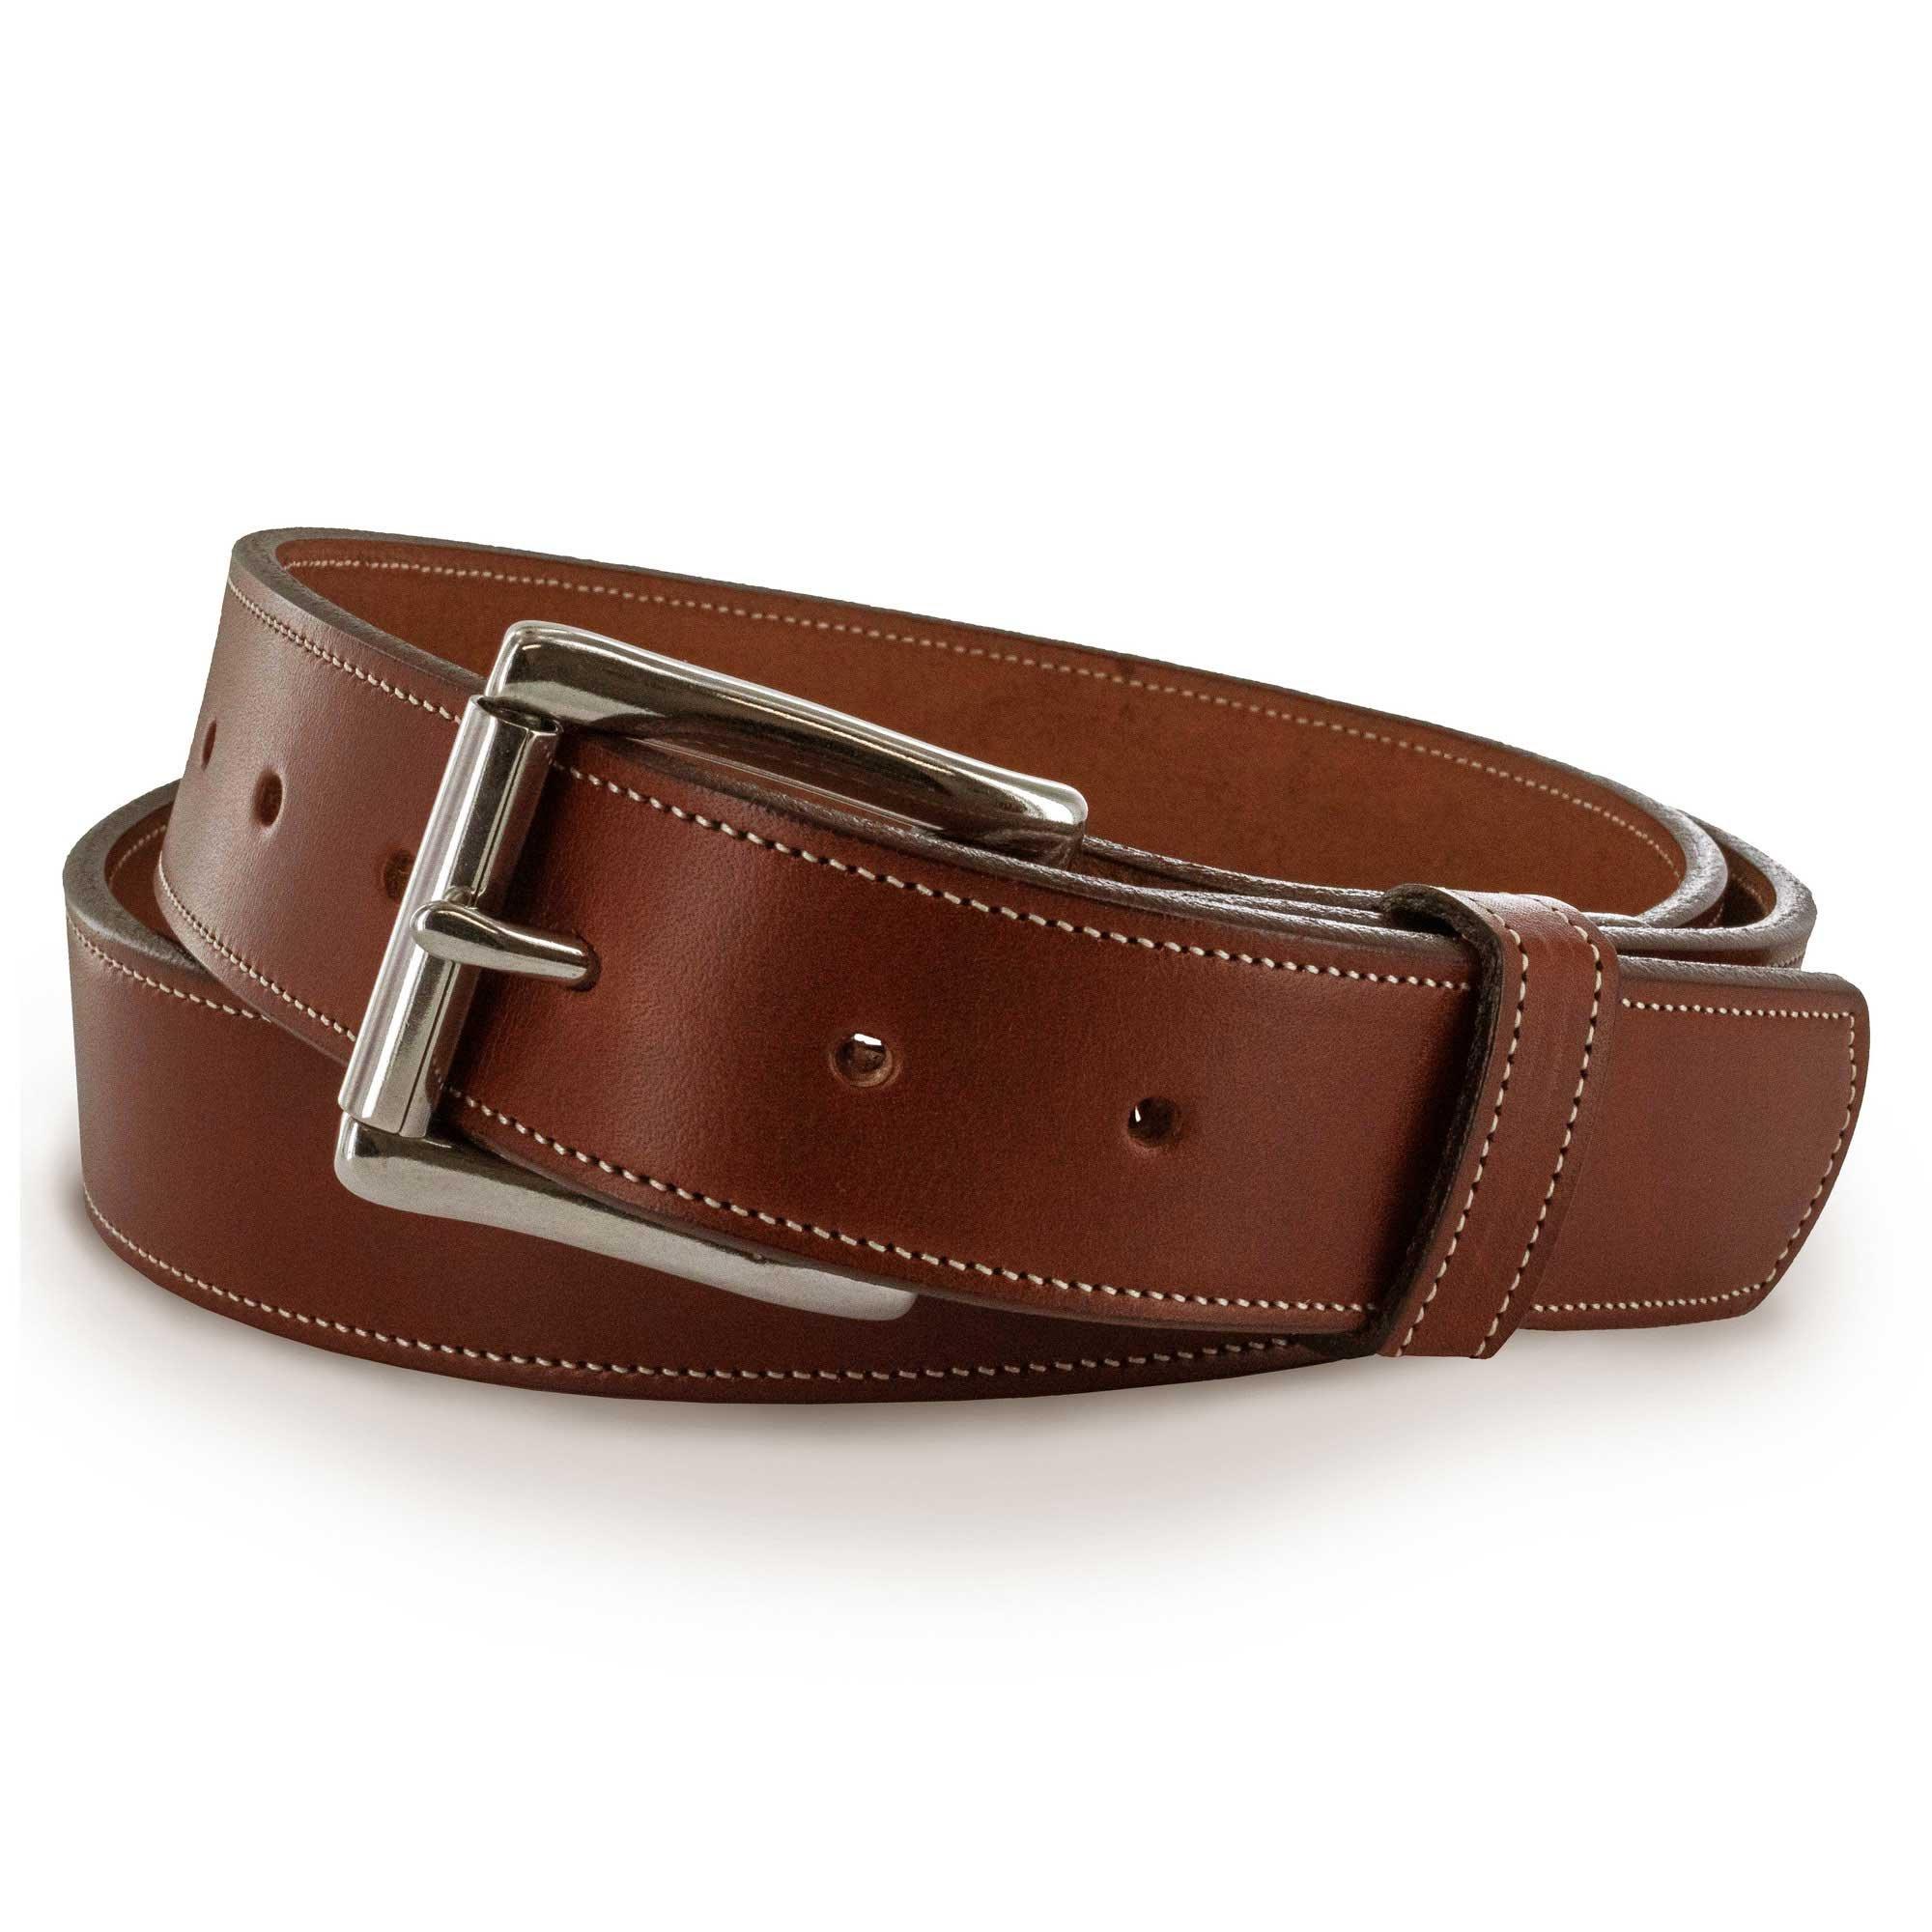 Hanks A2800 Canyon Belts - 1.5'' - Oakwood - Size 36